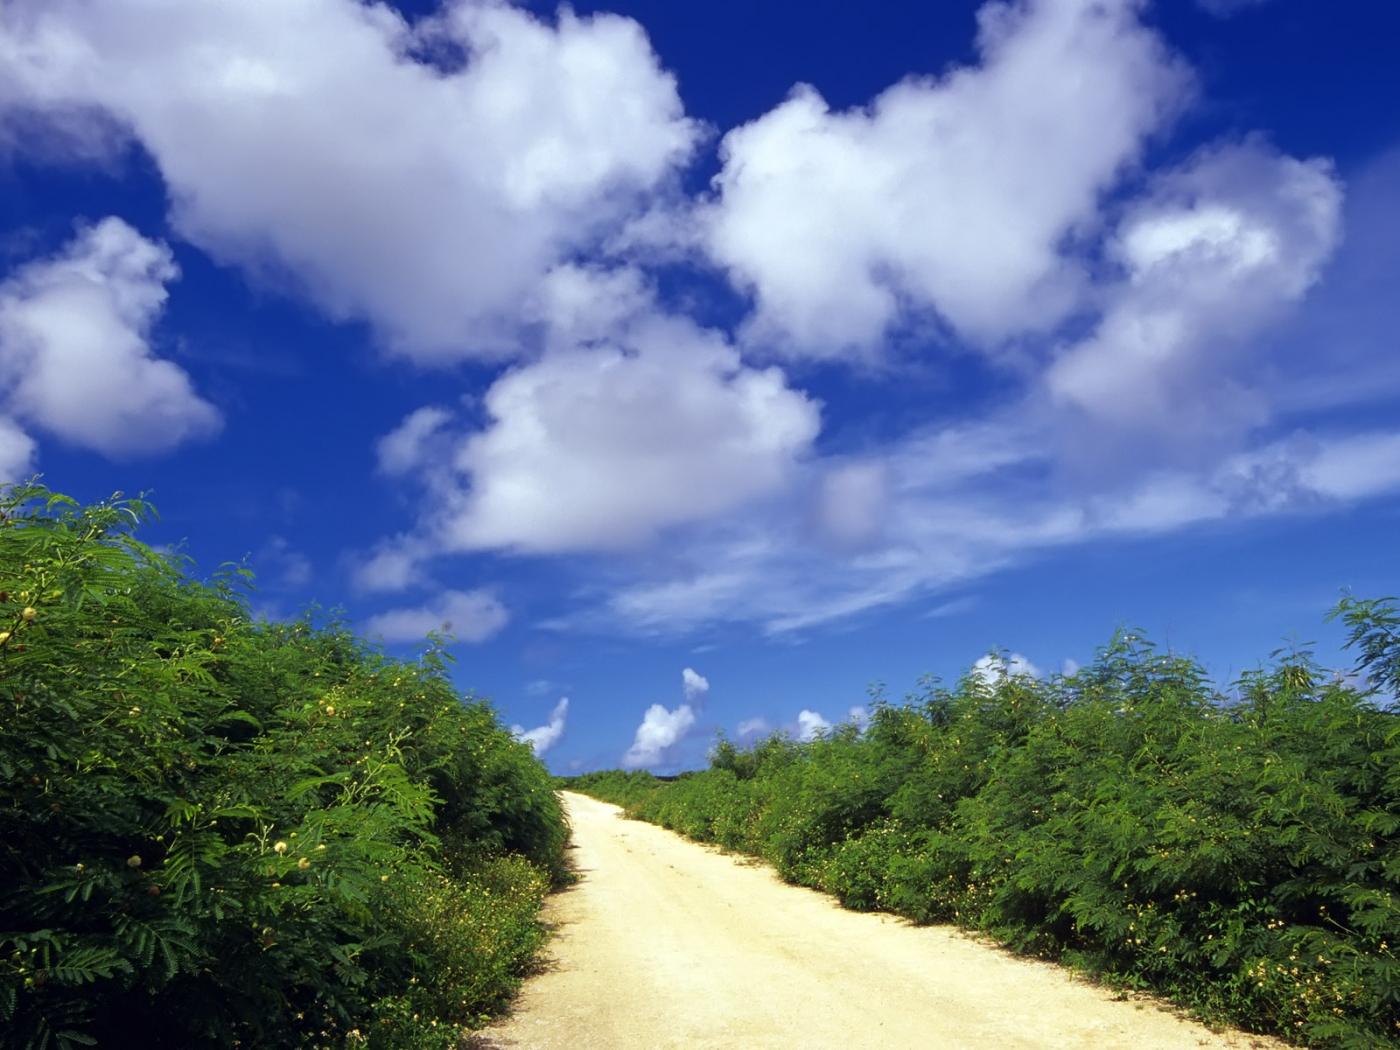 Скачать картинку Пейзаж, Небо, Дороги в телефон бесплатно.